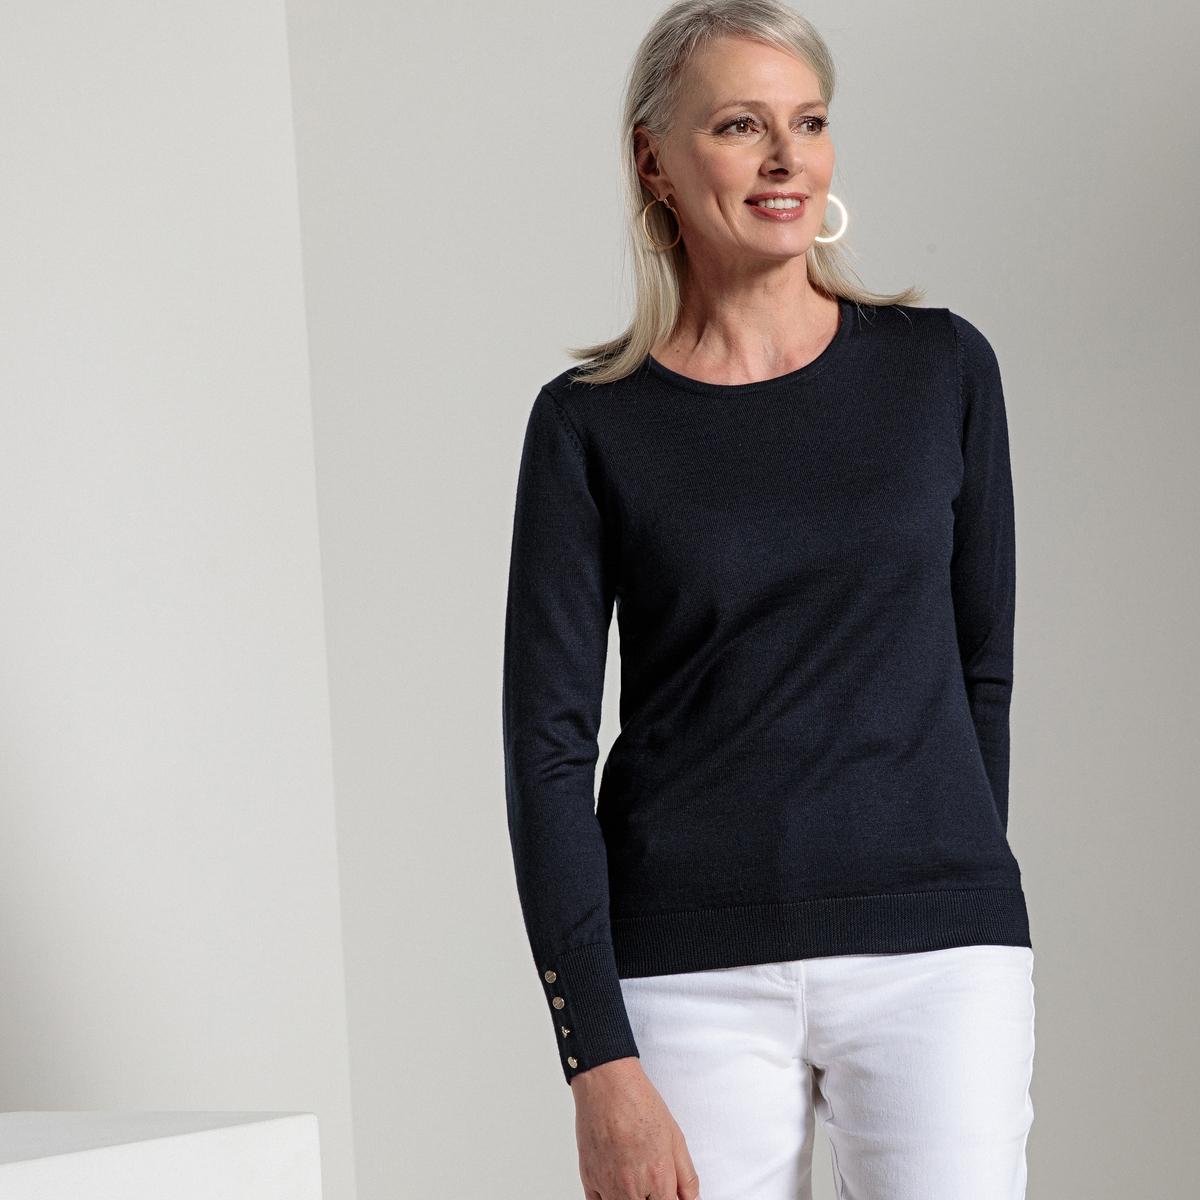 Пуловер однотонный с круглым вырезом, трикотаж из 50% шерсти мериноса